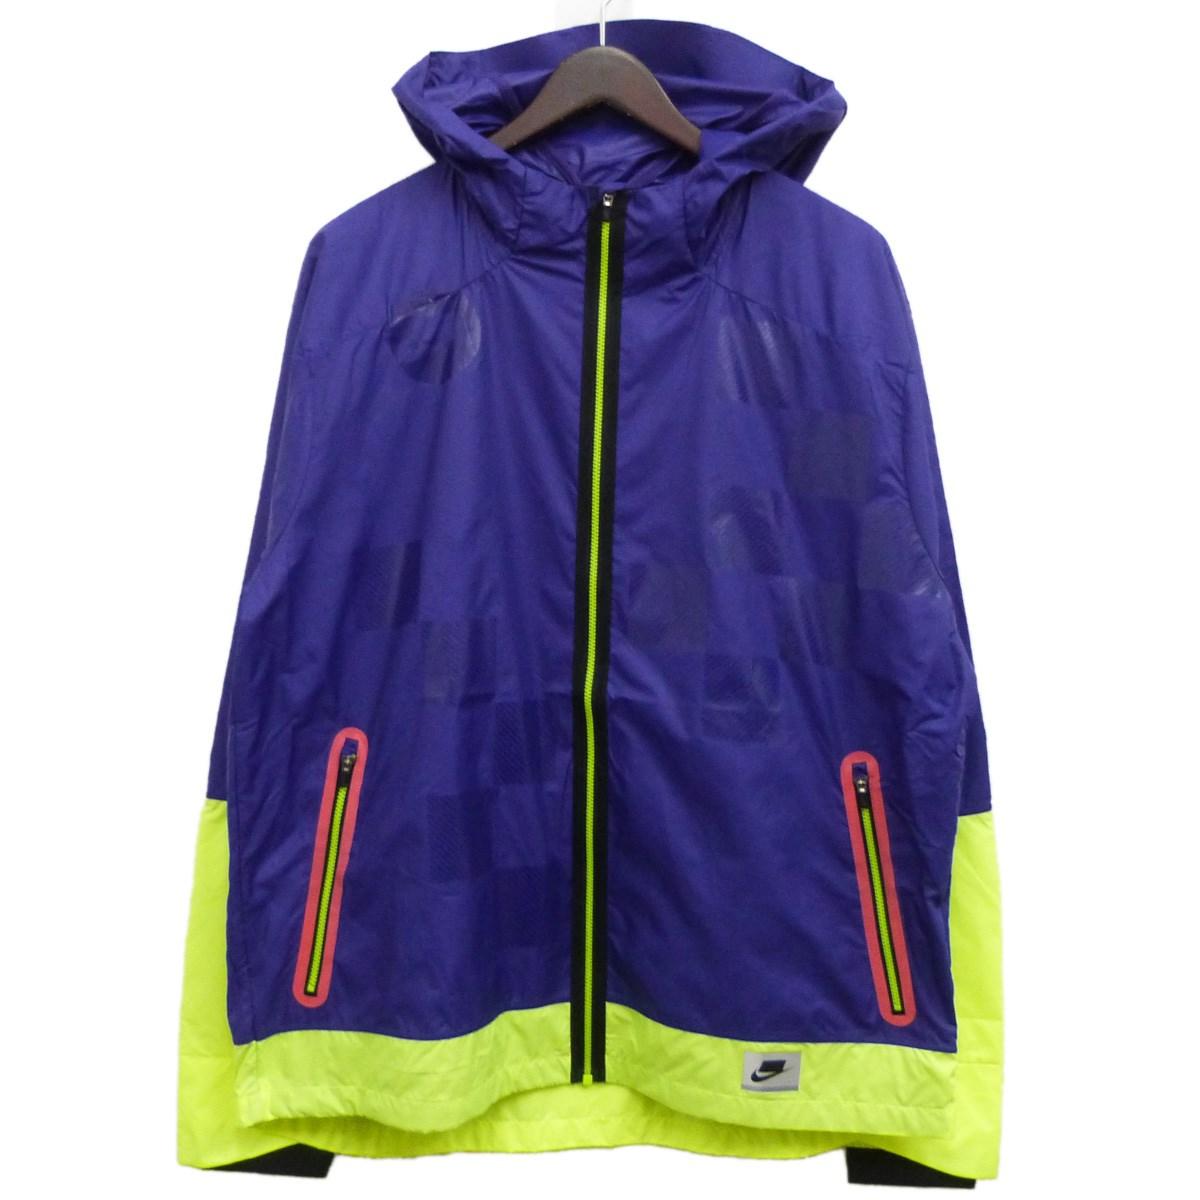 【中古】NIKE 19AW「FLASH RUNNING JACKET」ランニングジャケット パープル サイズ:XL 【071119】(ナイキ)